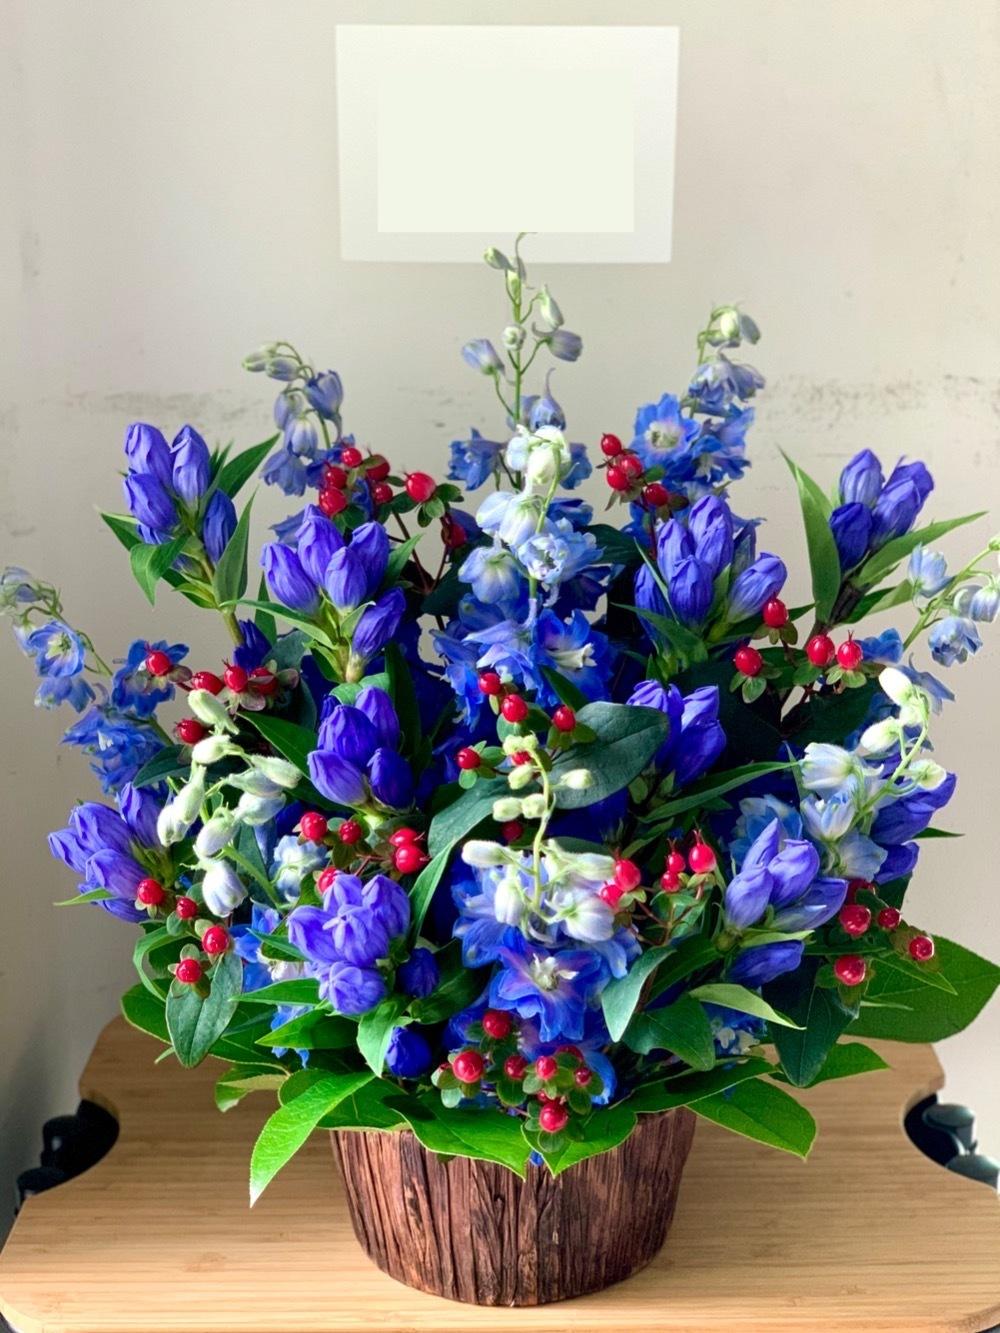 「大変な時期にありながらも、1周年おめでとうございます」鮮やかなブルーが印象的な周年祝い花